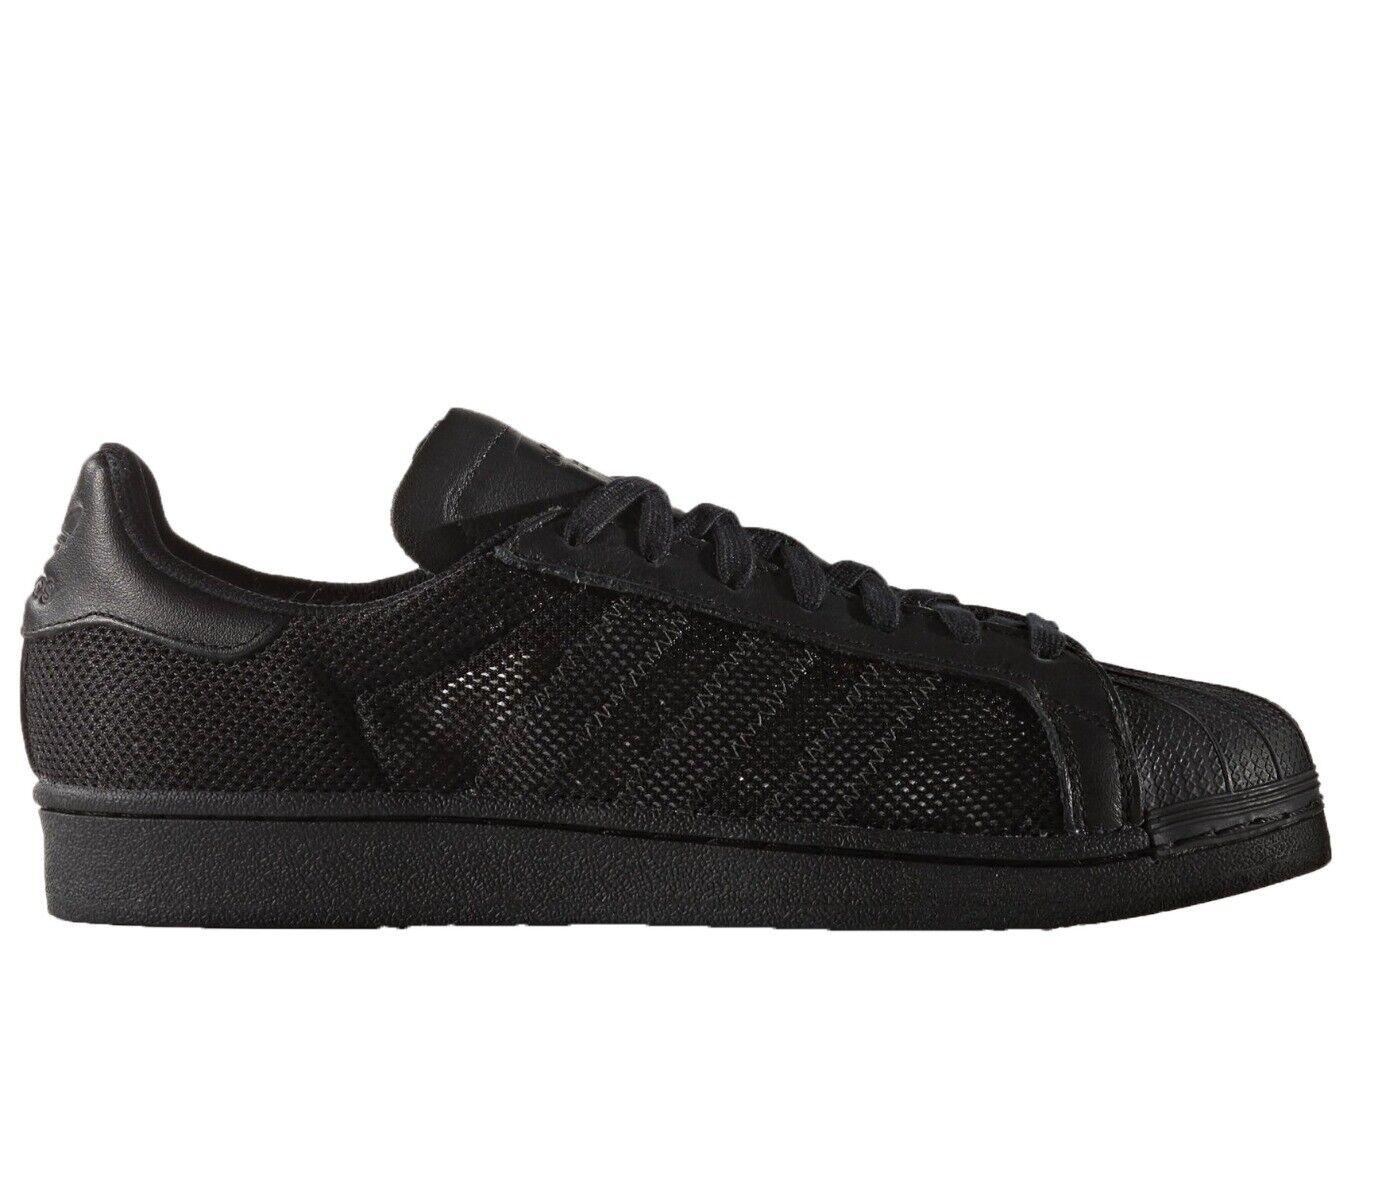 Adidas Herren Superstar Triple Turnschuhe Größe 11.5 UK Schwarz